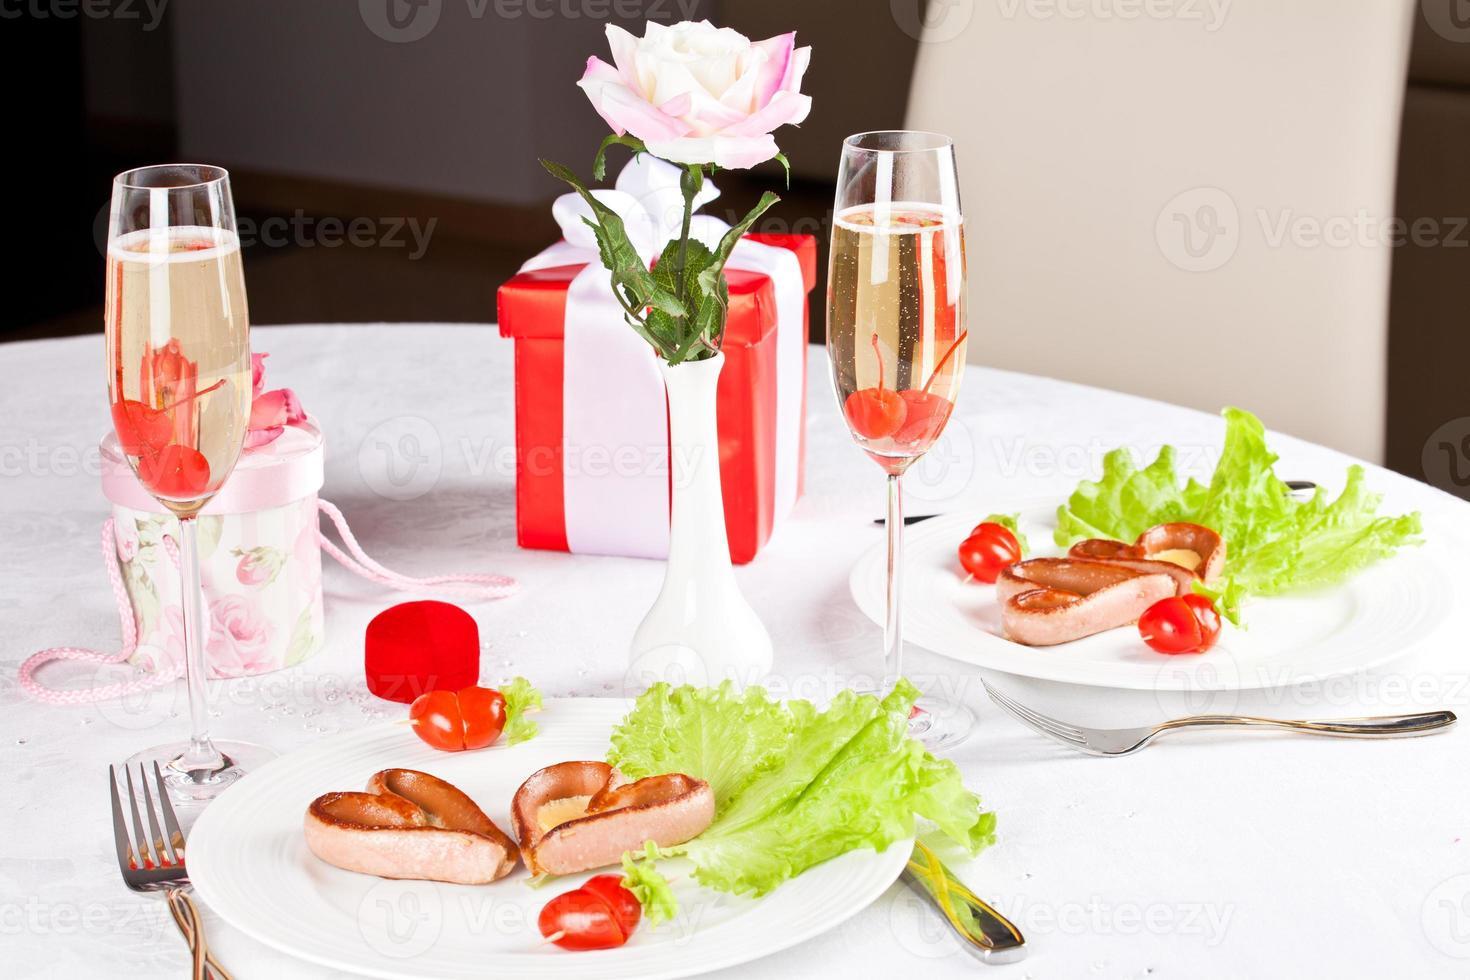 colazione romantica e creativa. foto